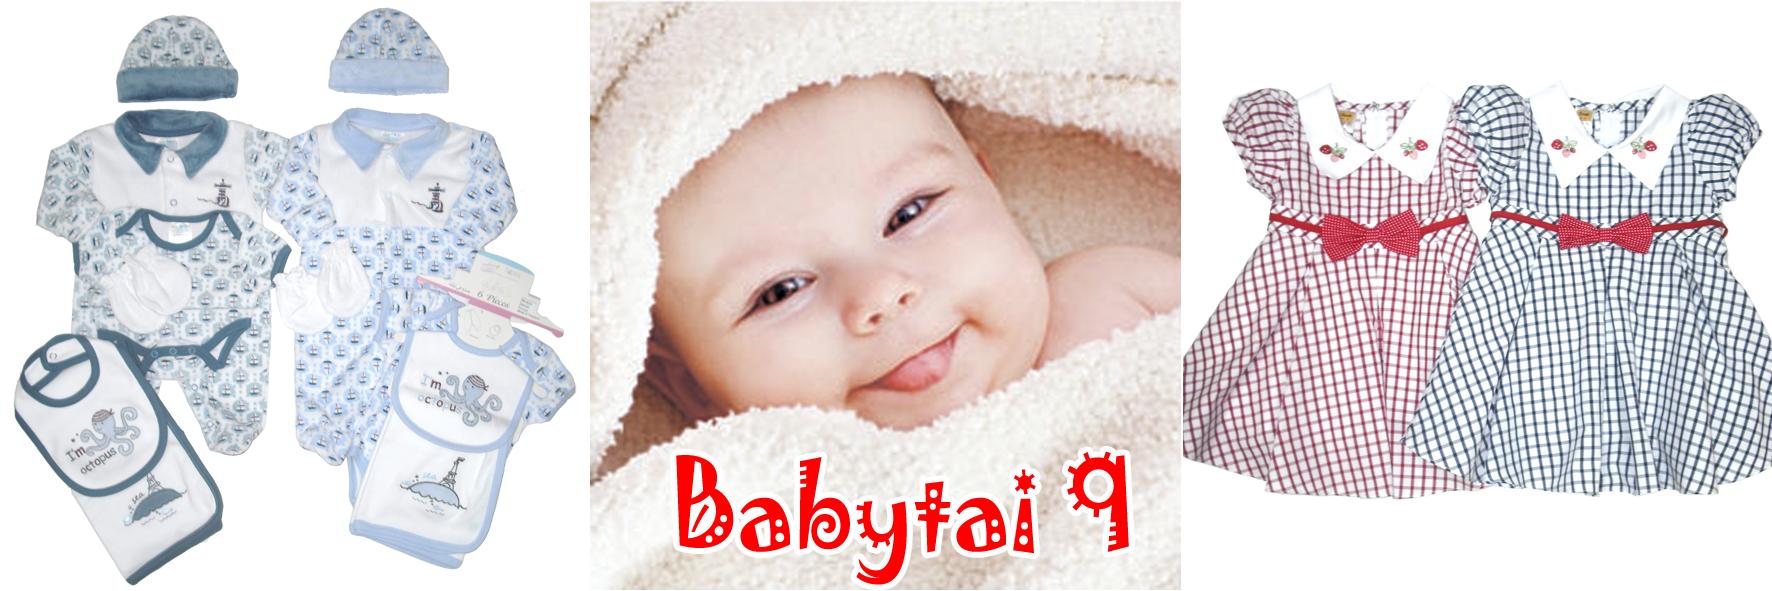 ���� �������. Babytai - ������� ����� ������� ������ �� 0 � ������. ����������� ������ � �������. ����� 9